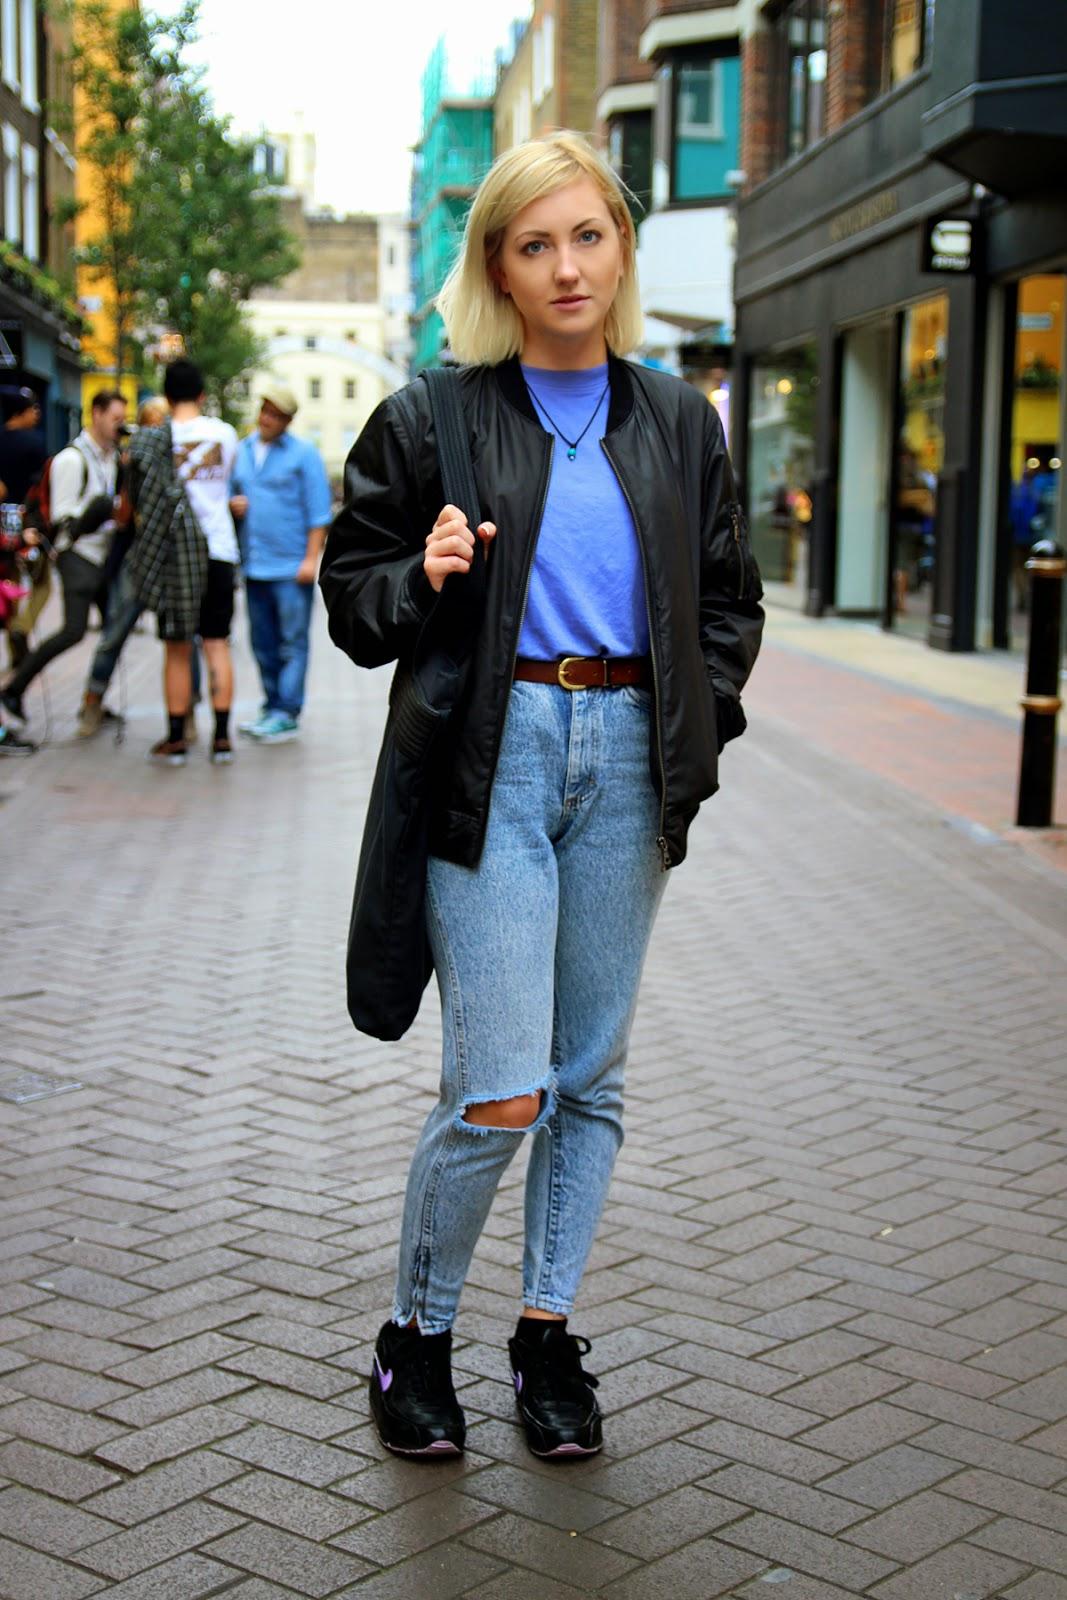 Красивые женские образы с джинсами на высокой посадке